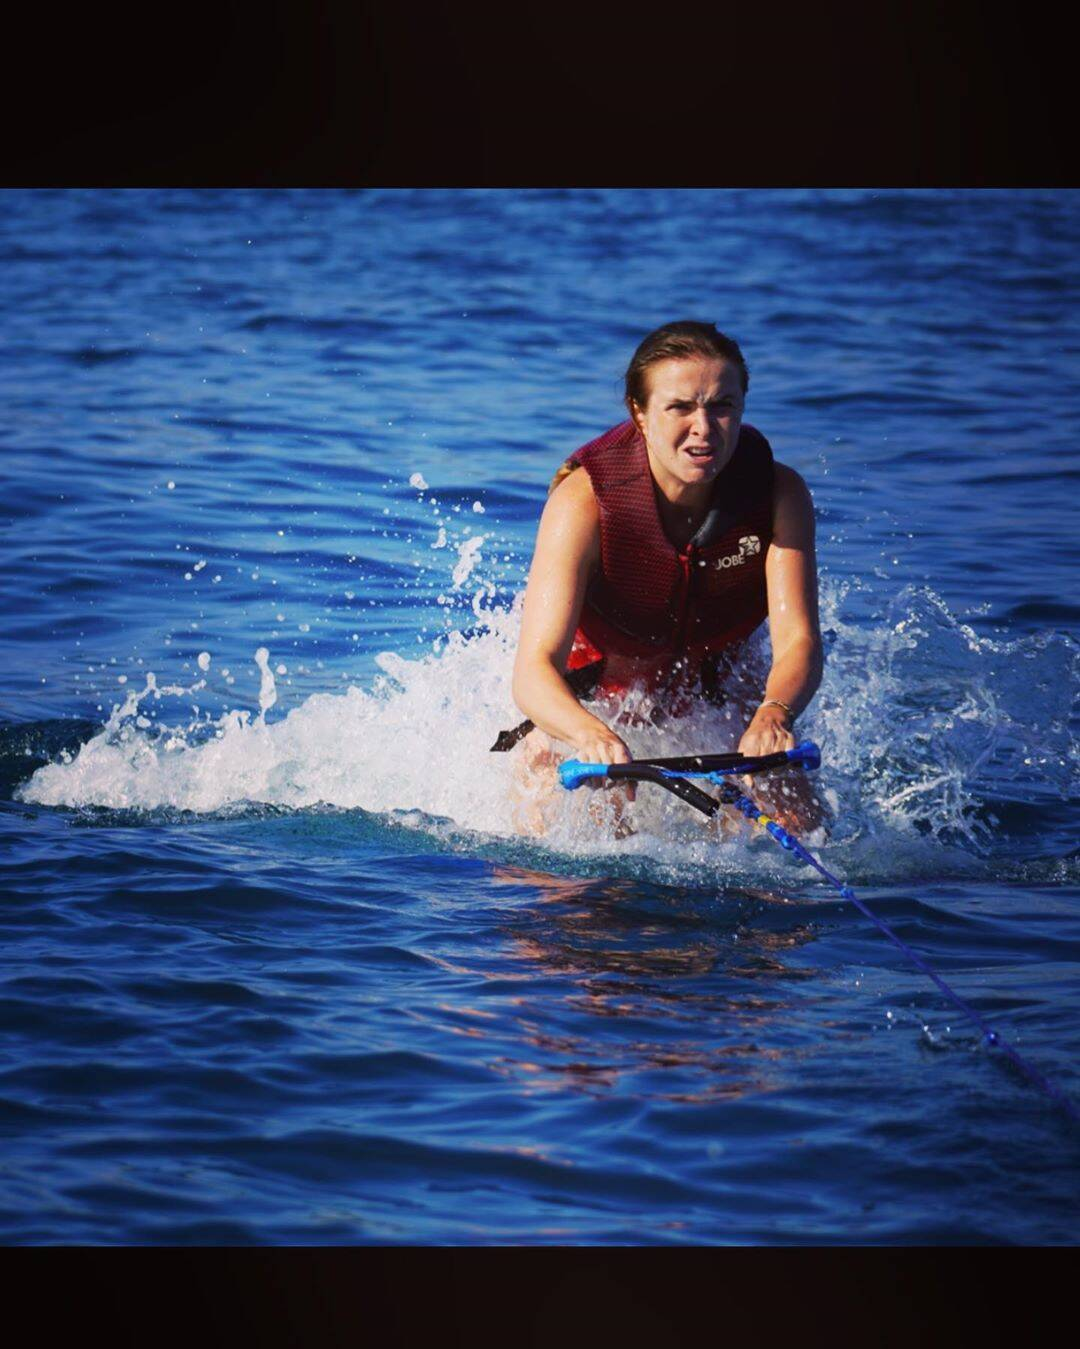 Элина Свитолина на водных лыжах